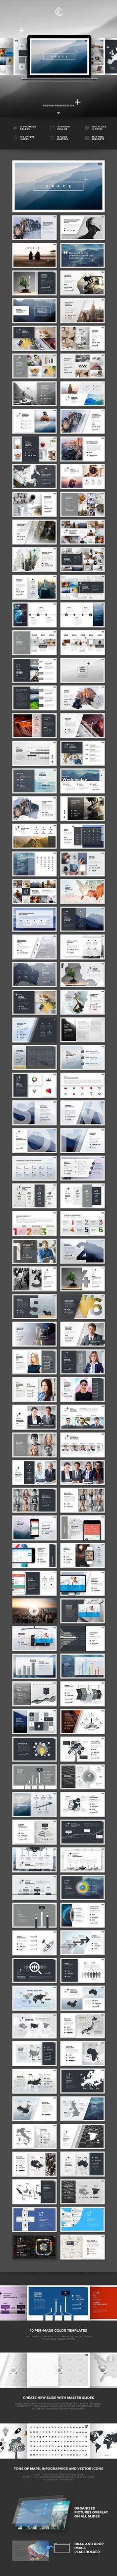 공간 PowerPoint - PowerPoint 템플릿 프리젠 테이션 템플릿